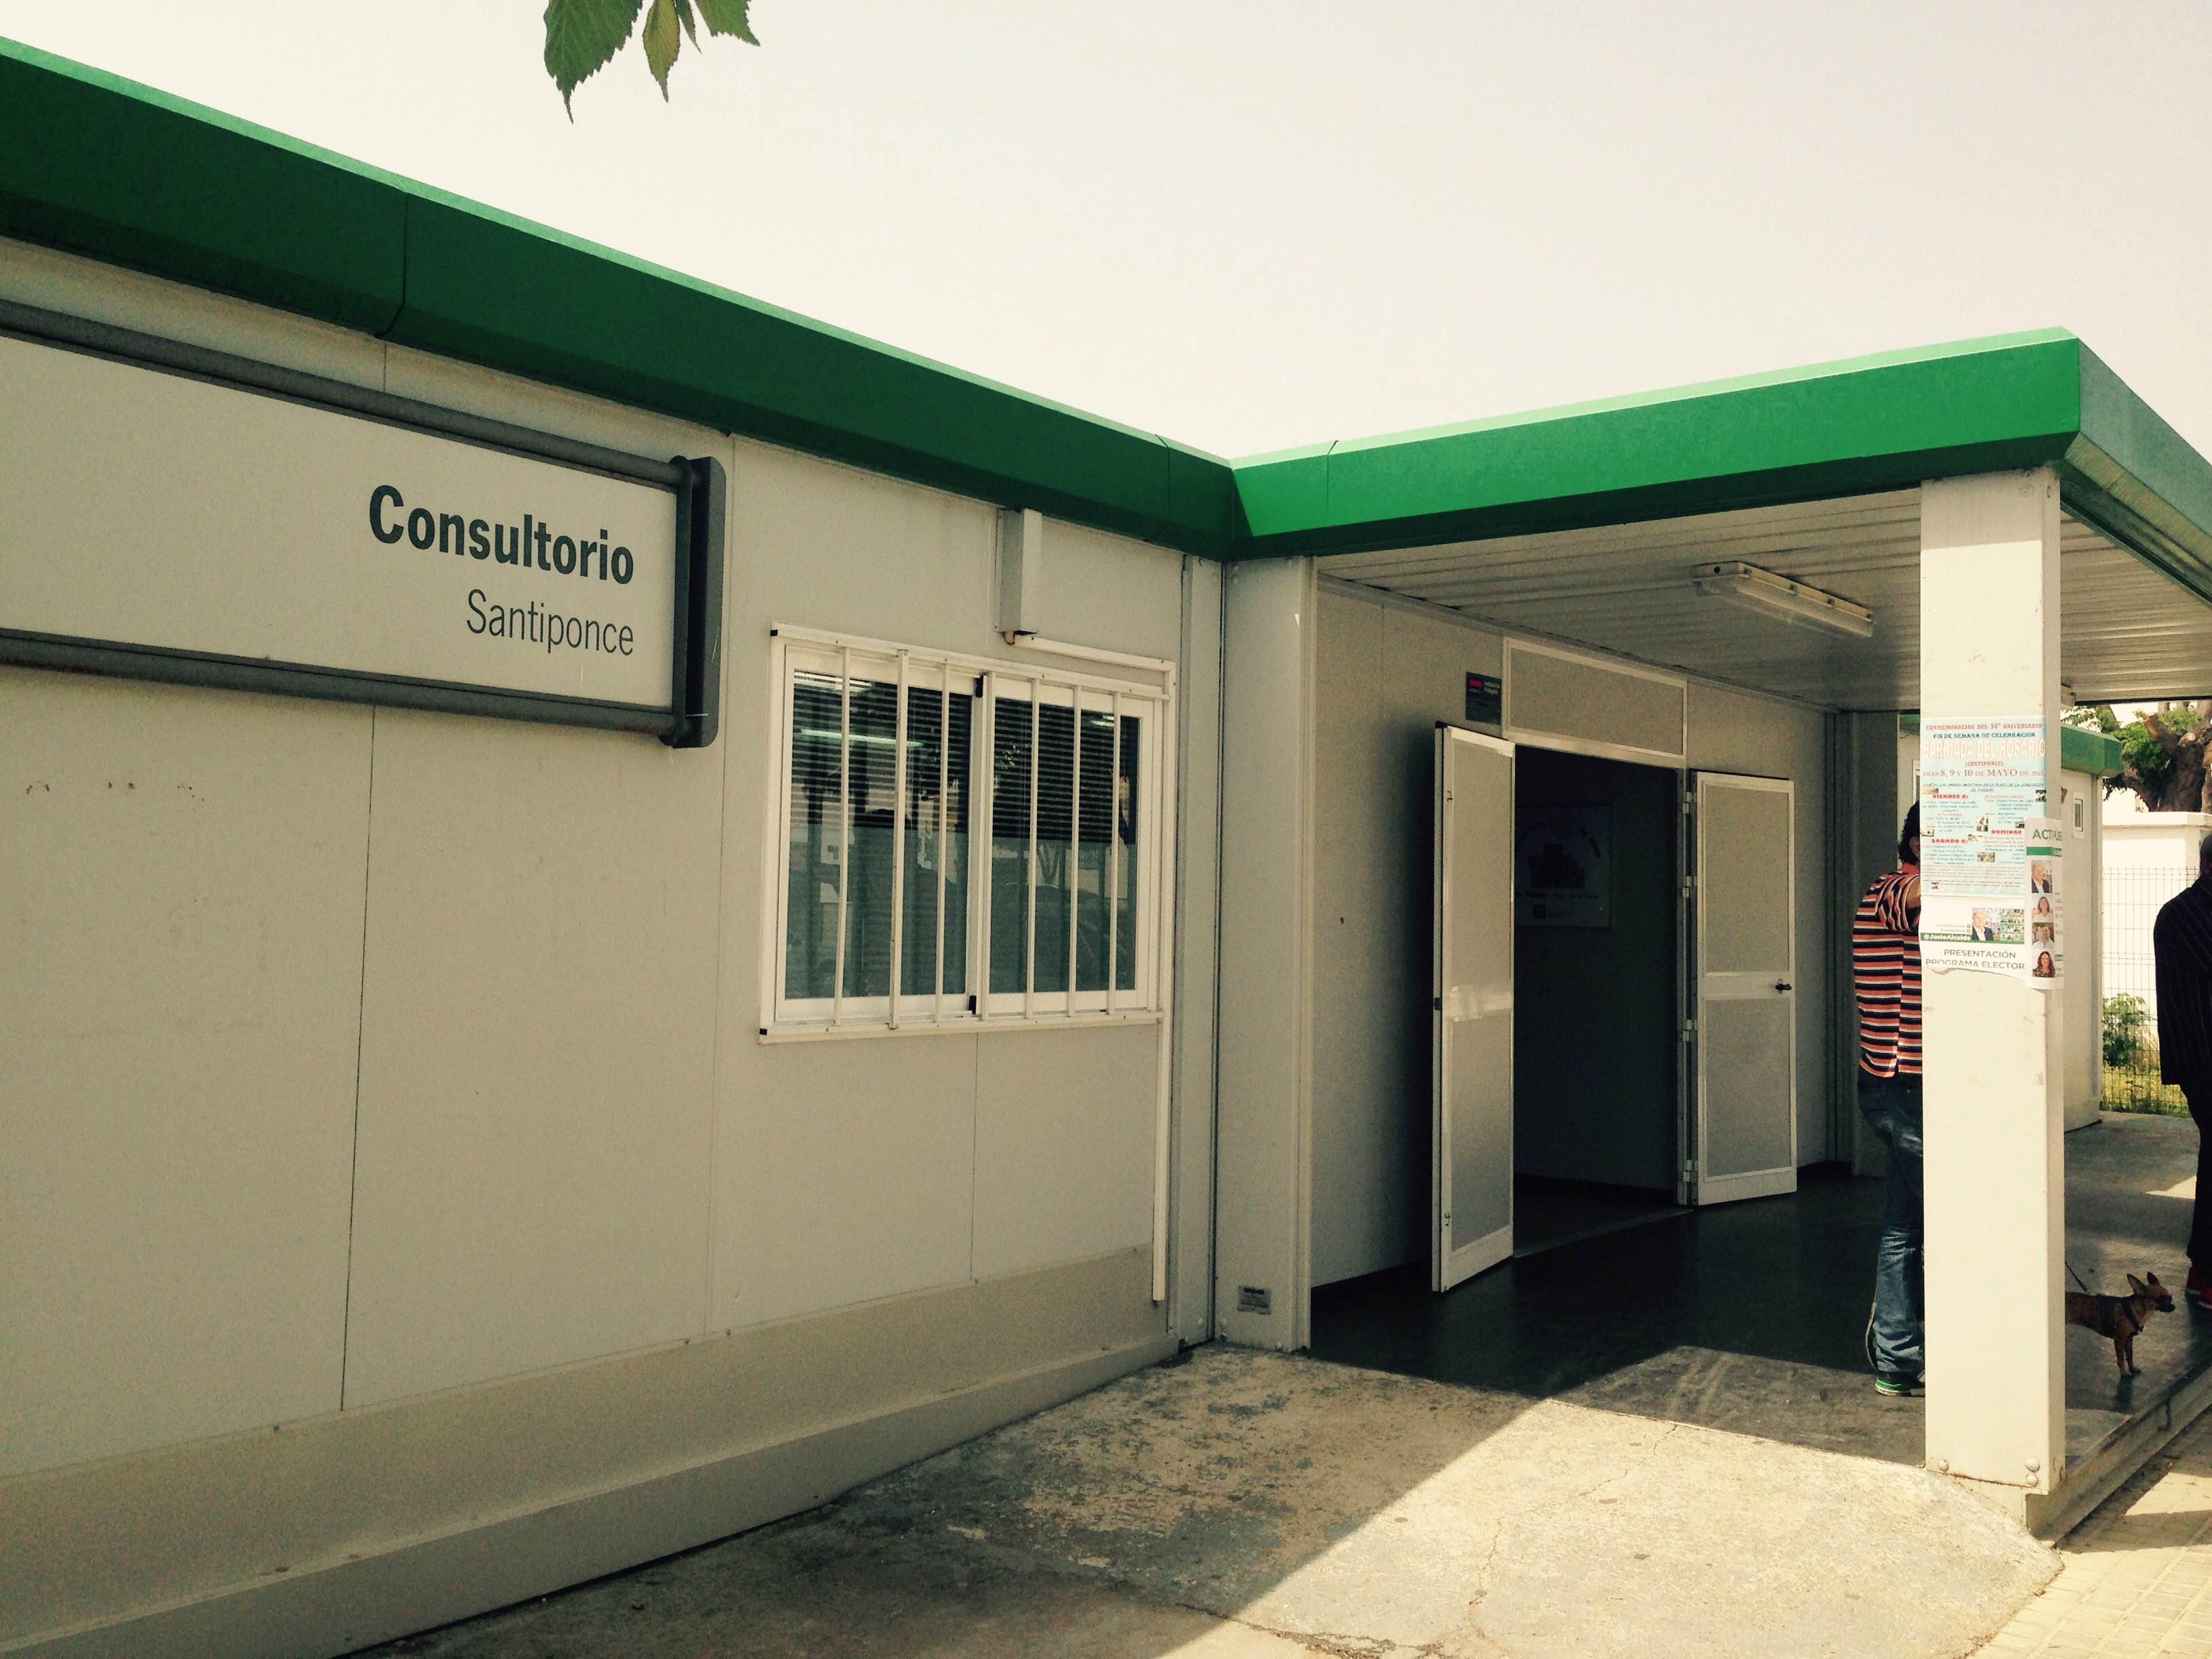 El ayuntamiento de santiponce su consultorio de caracolas acreditadas y el sas sindicato - Oficina virtual ayuntamiento sevilla ...